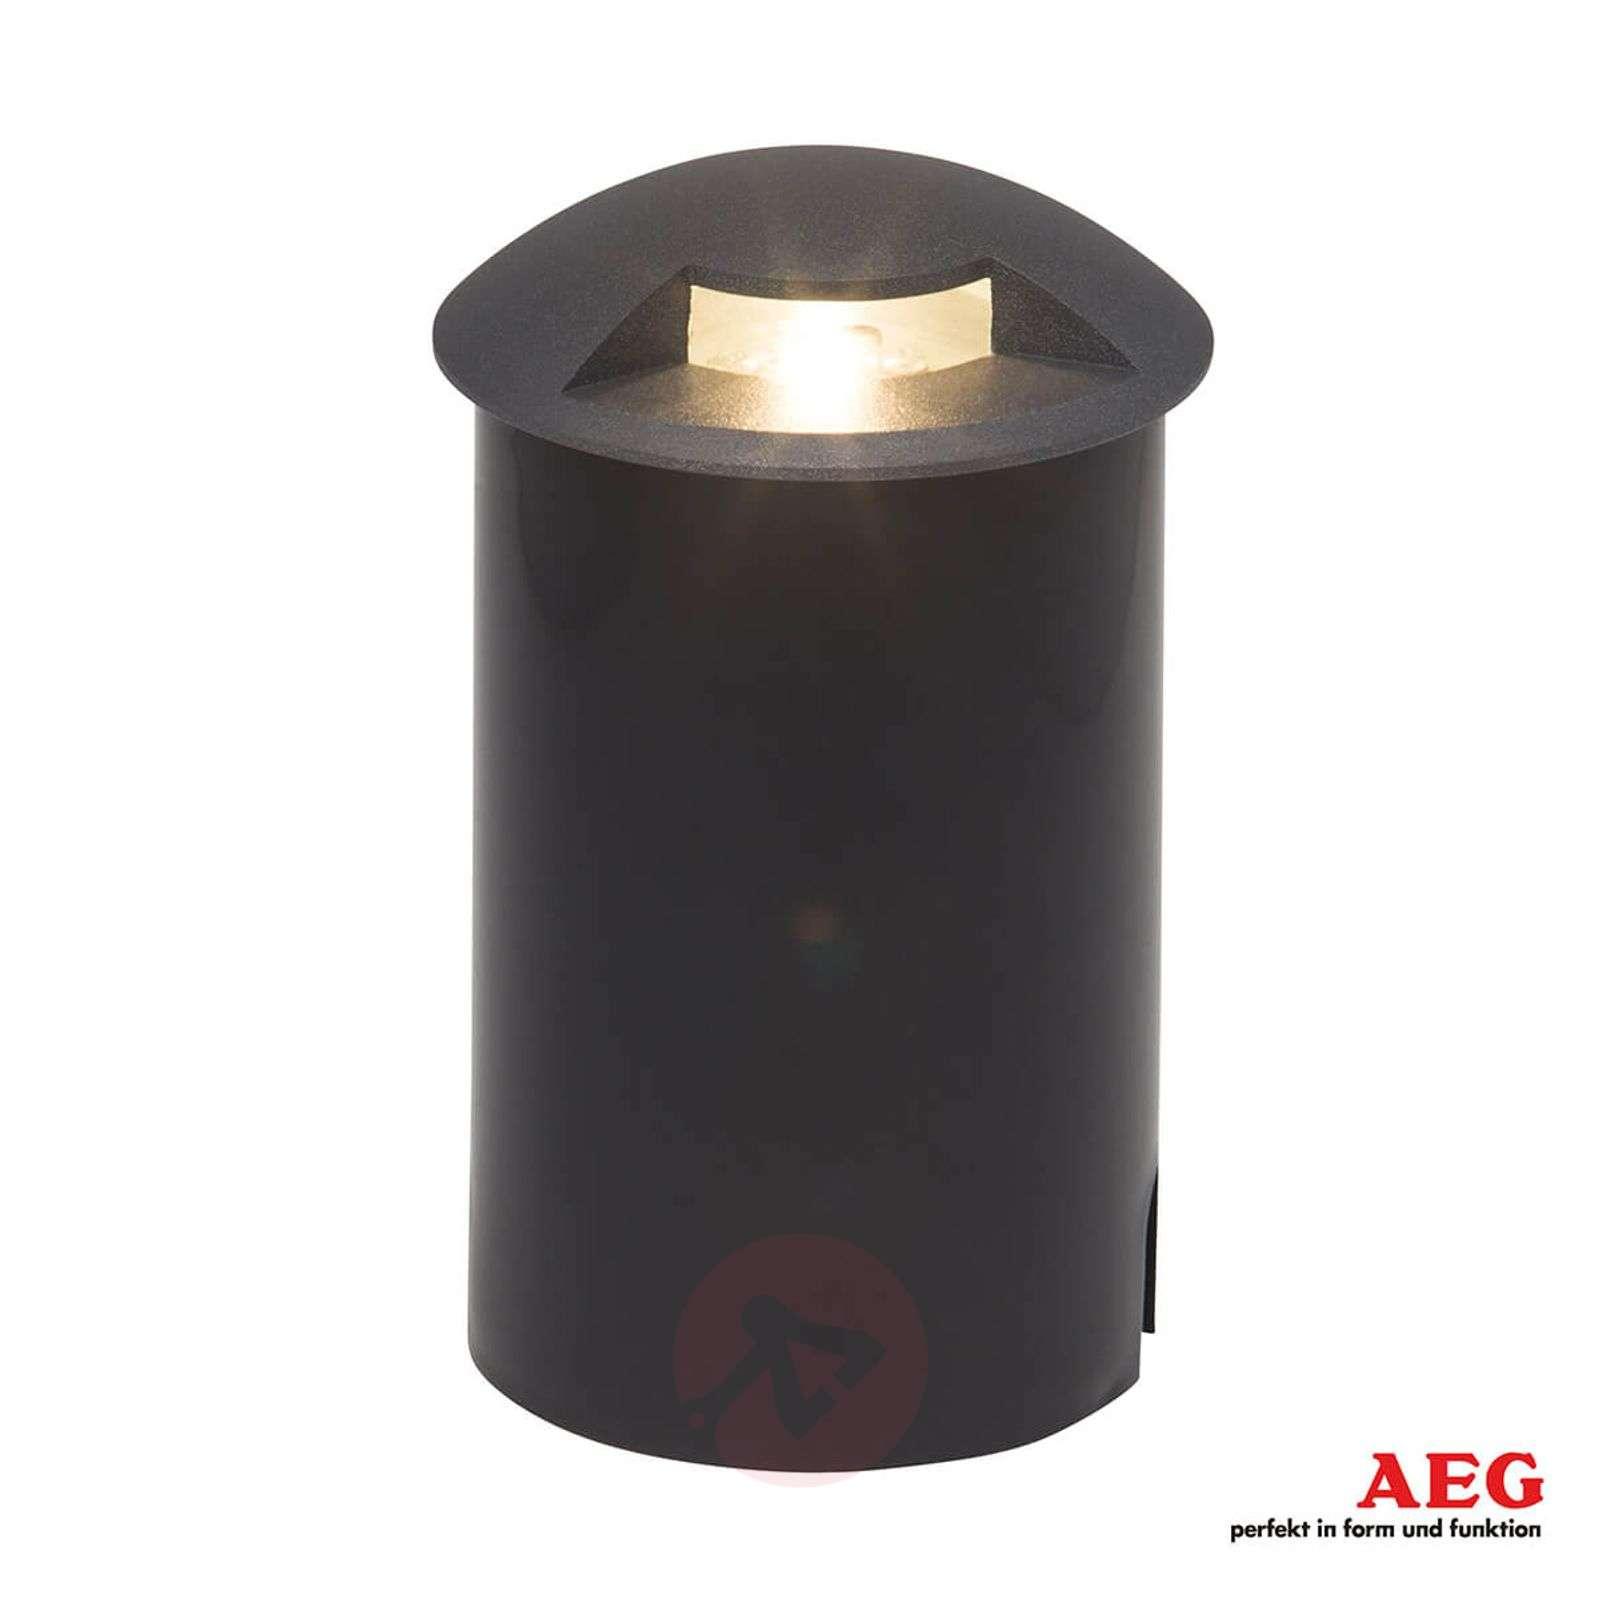 AEG Tritax yhdelle sivulle valaiseva LED-maaspotti-3057111-01